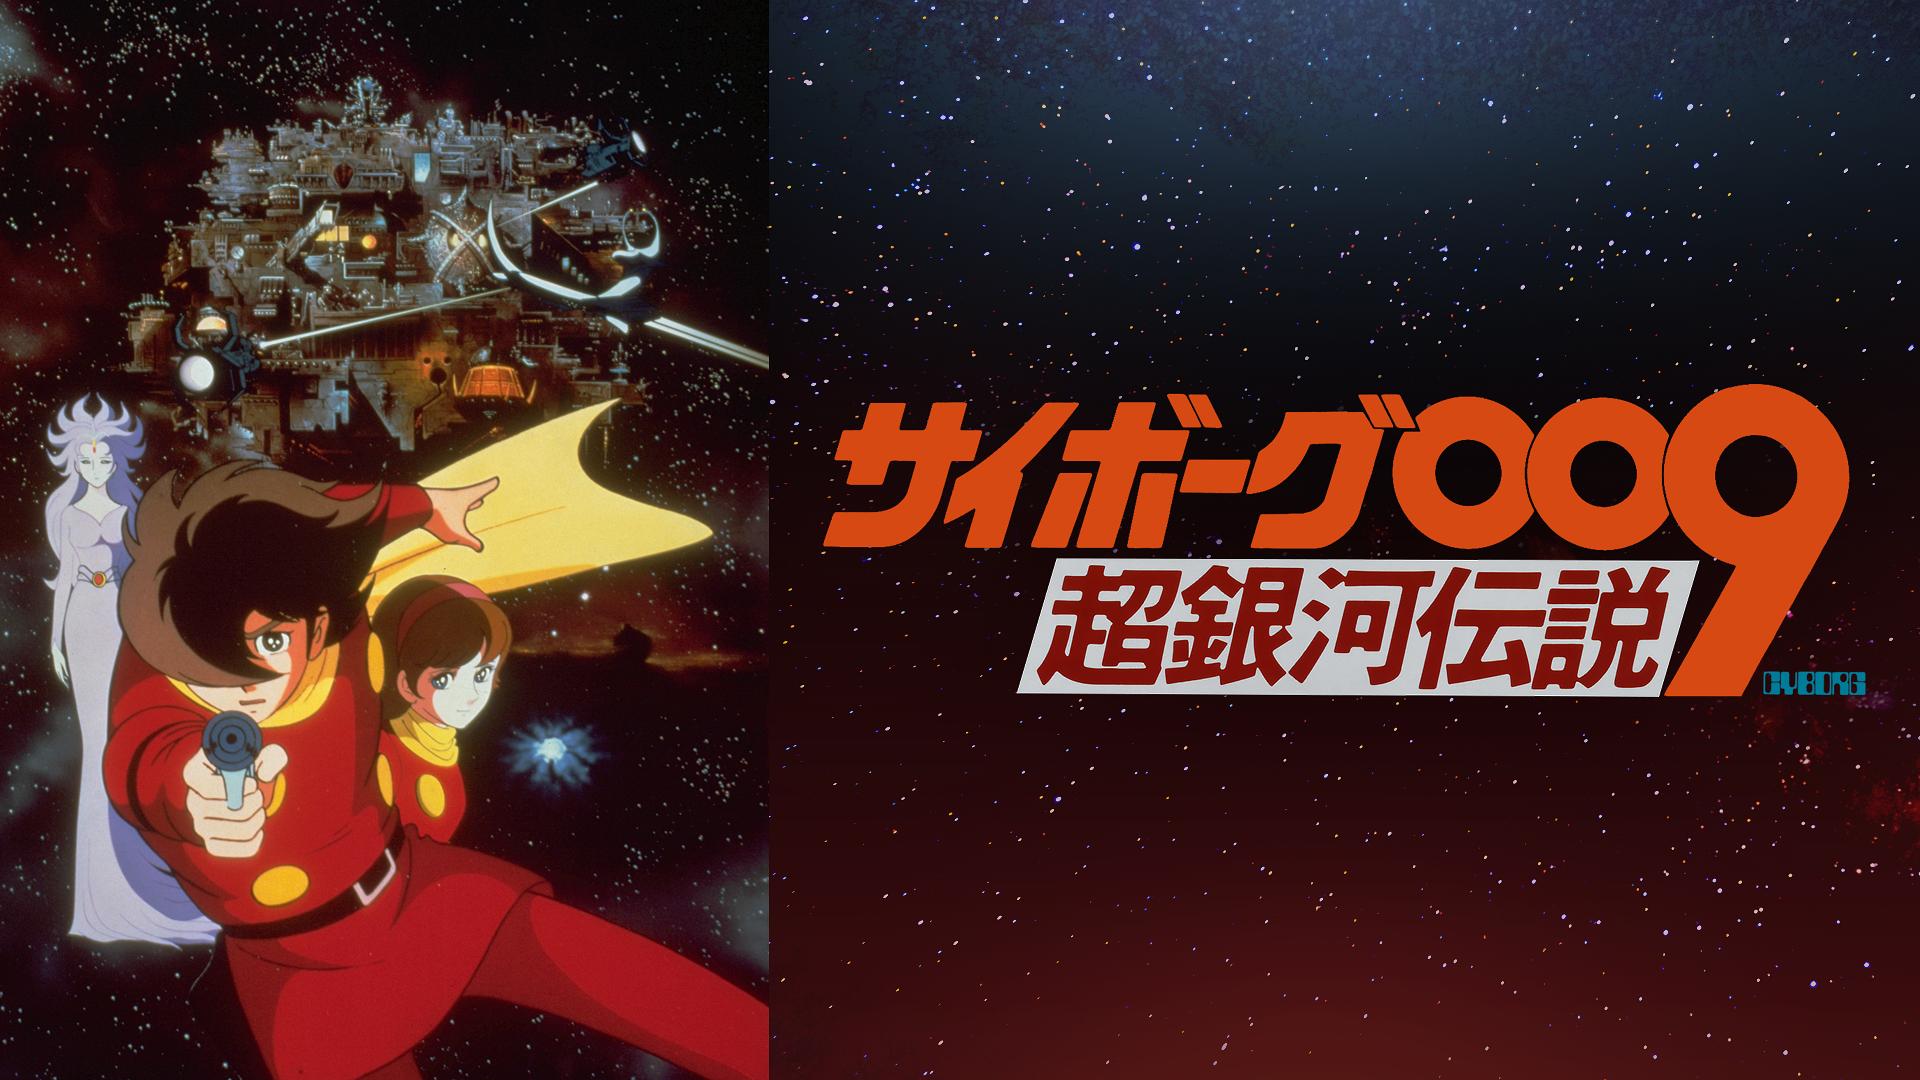 サイボーグ009 超銀河伝説 アニメ動画見放題 Dアニメストア